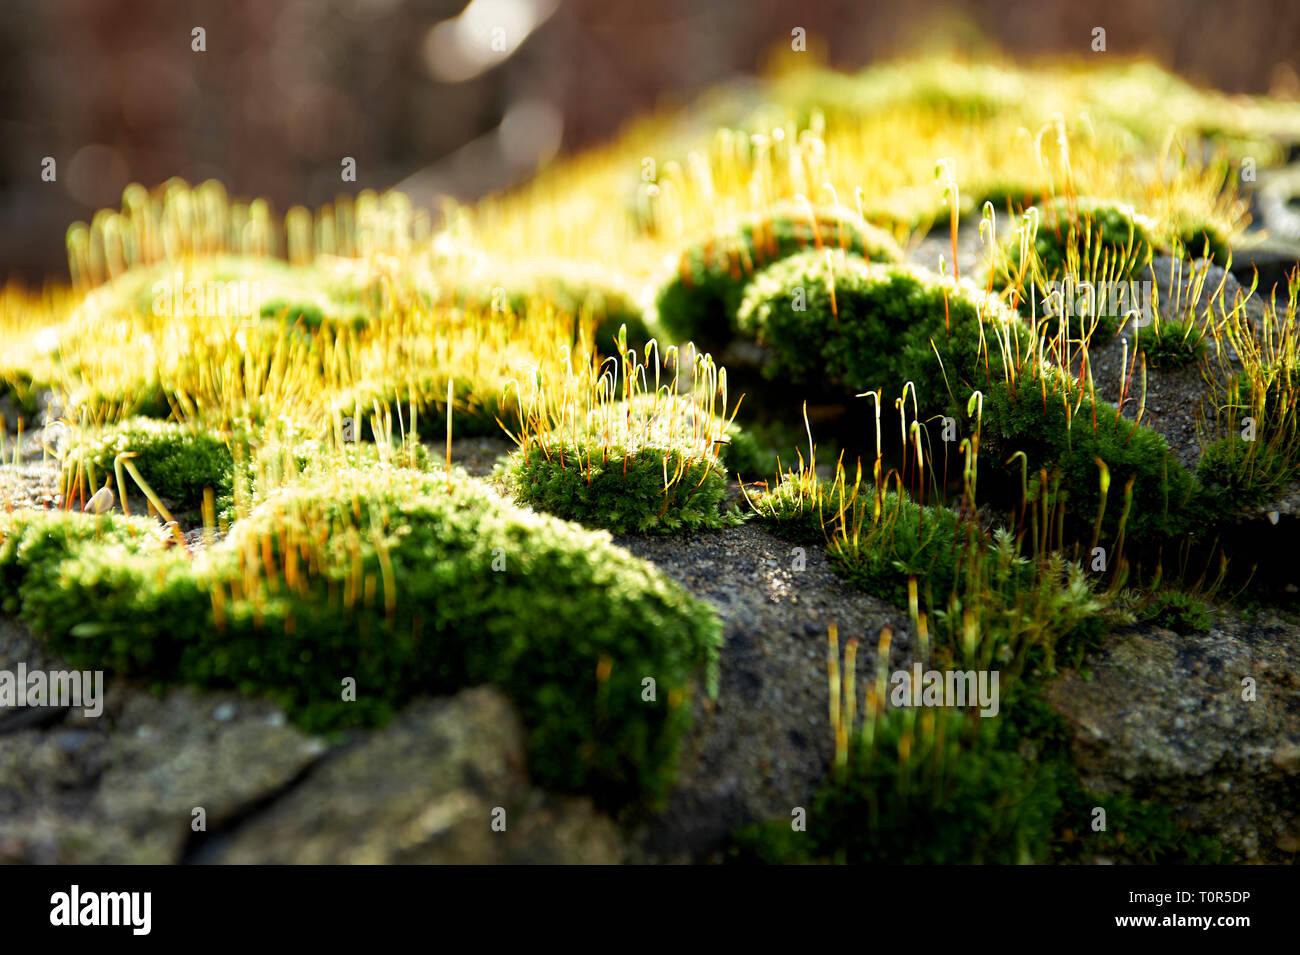 Nahaufnahme von Moos das von hinten von der Sonne beschienen wird auf einer Natursteinmauer. Stock Photo